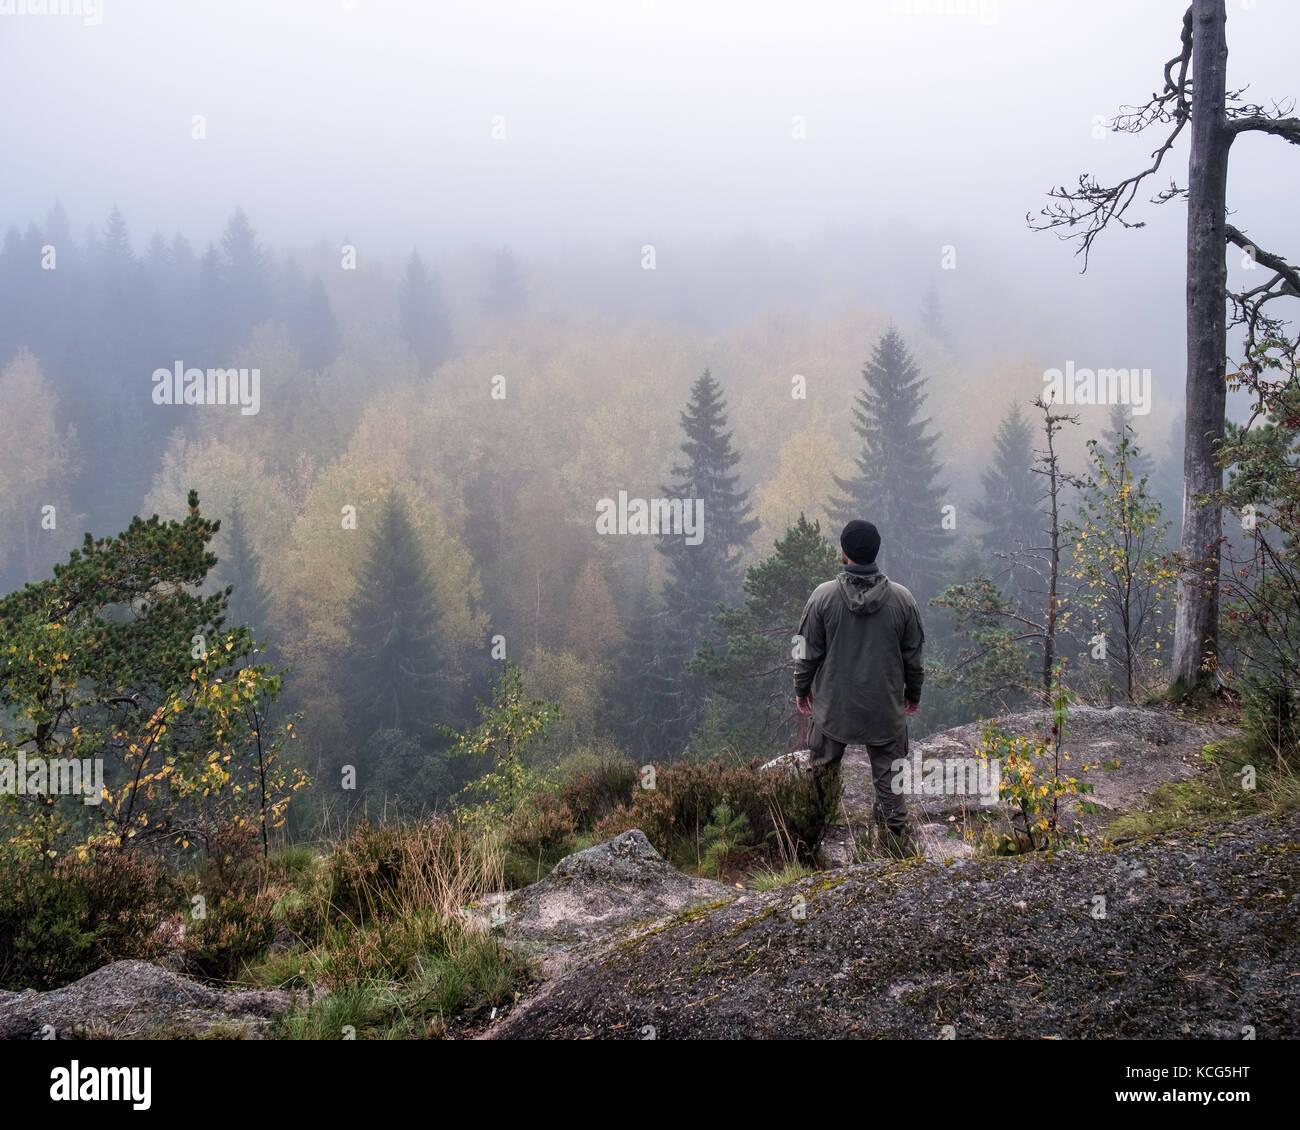 Homme randonnée dans la forêt au matin brumeux Banque D'Images